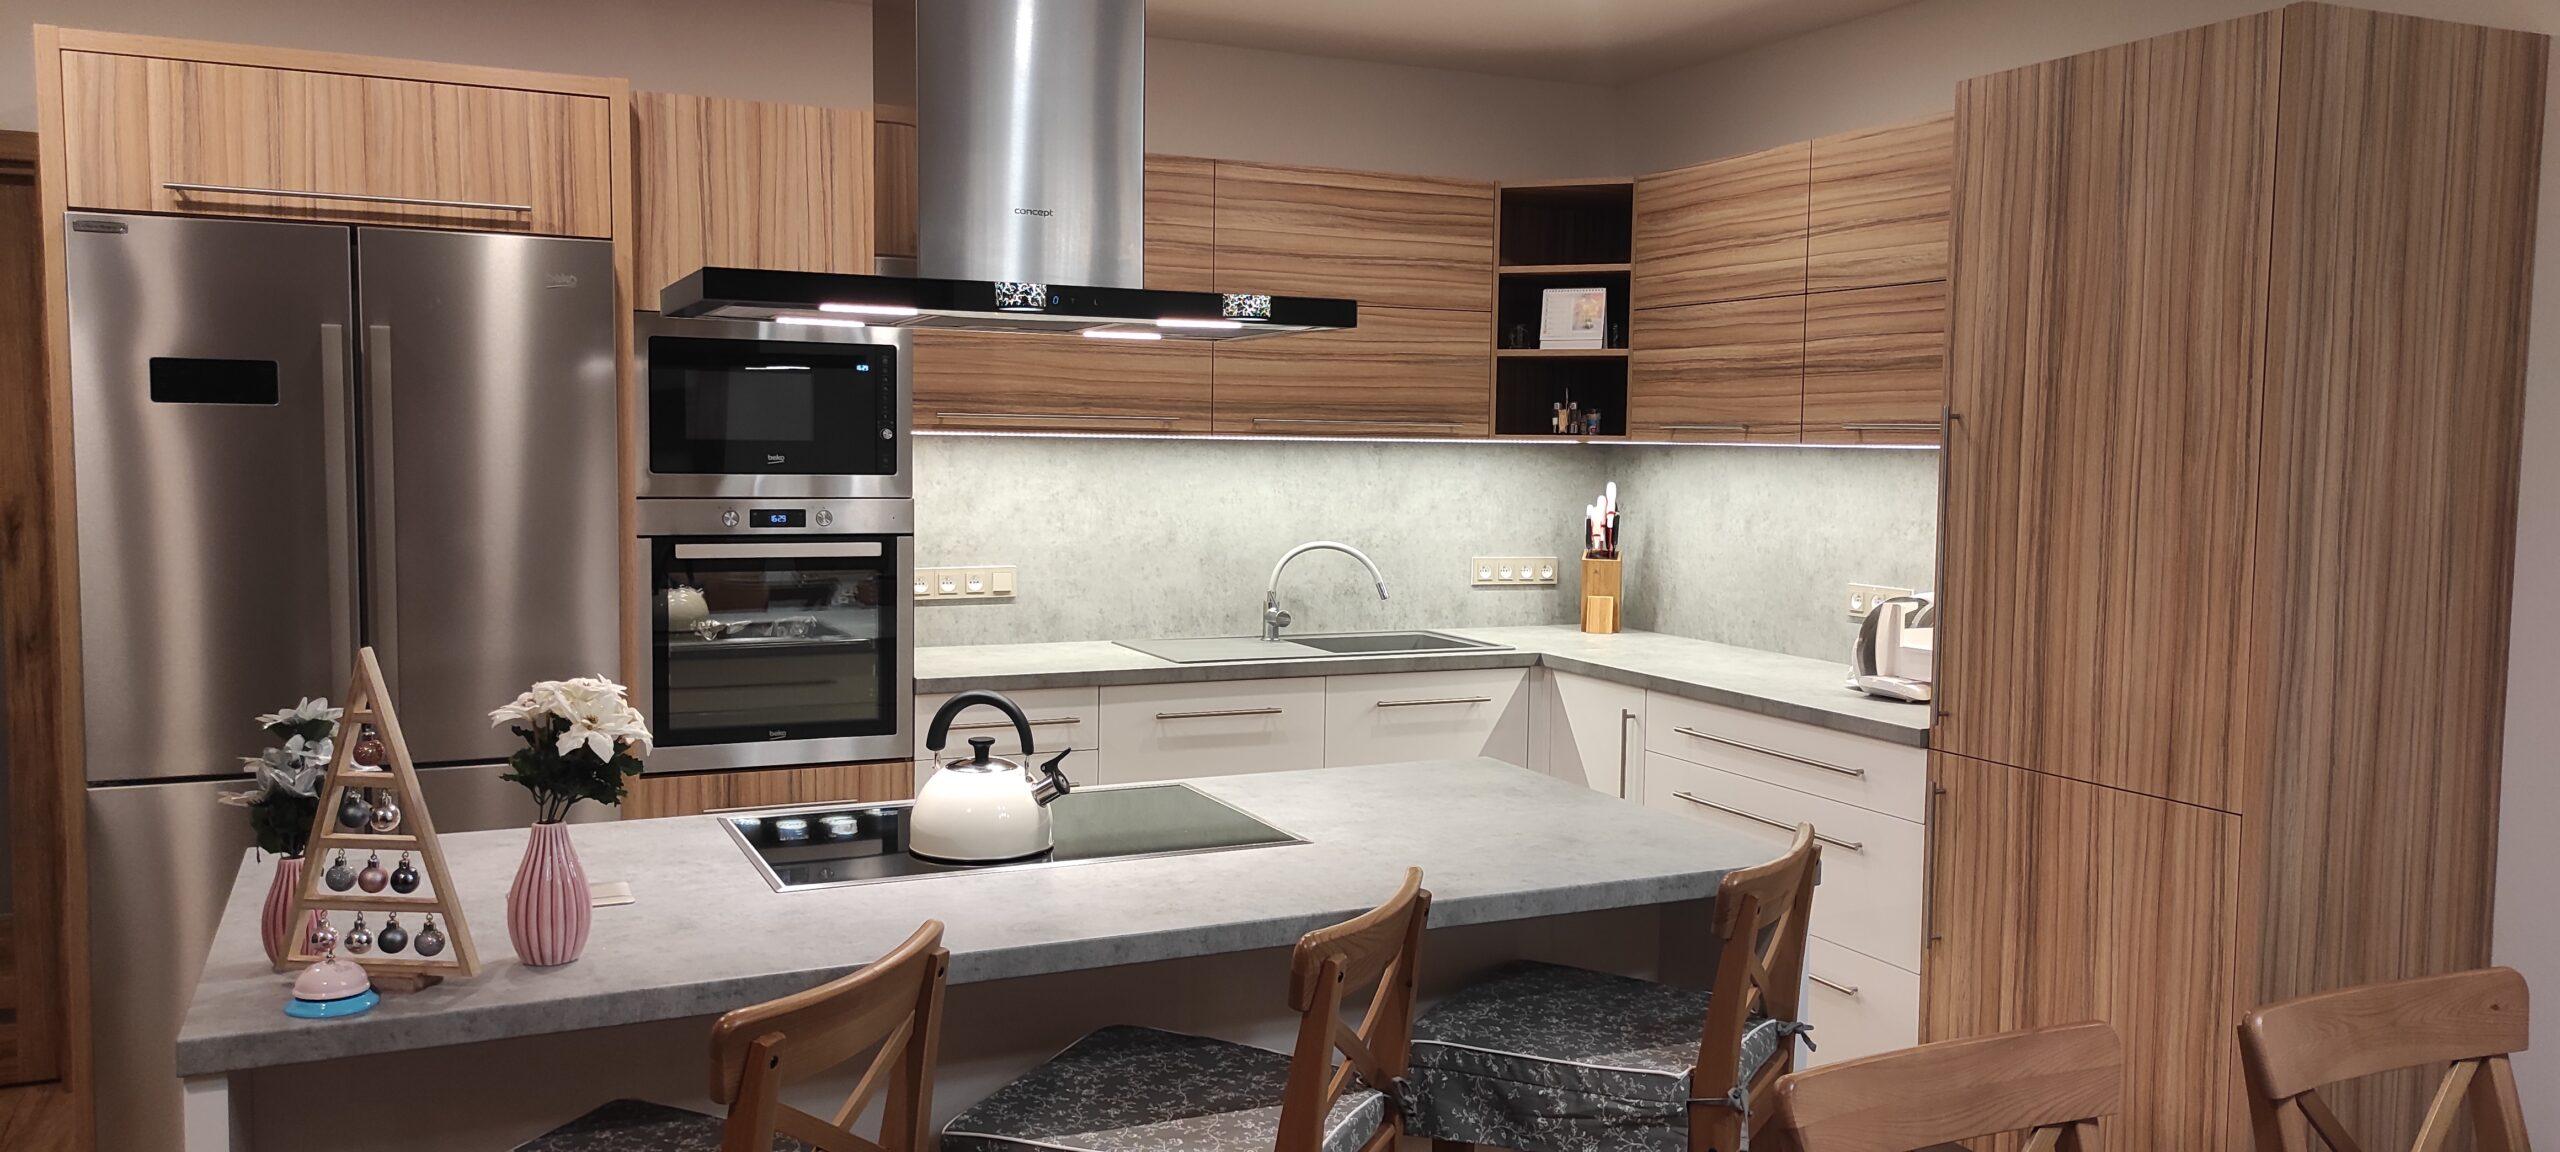 Realizace kuchyně v rodinném domě